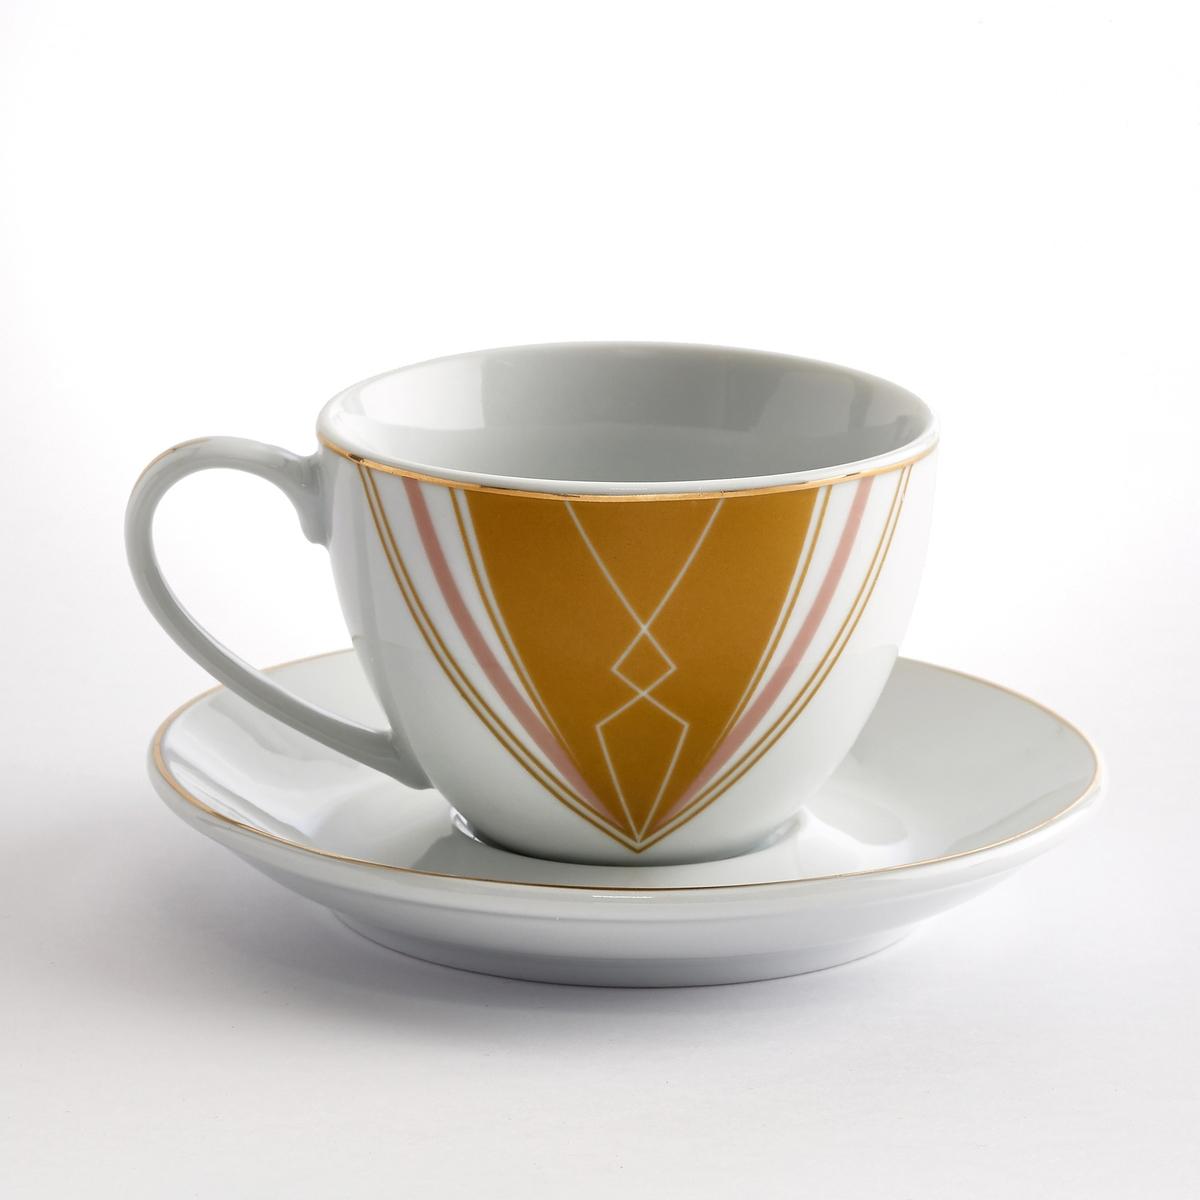 Чашка + блюдце фарфоровые (4 шт.) PALATOХарактеристики 4 чашек и блюдец Palato :Из фарфора.Винтажный рисунок.Золотистая кайма.Размеры 4 чашек и блюдец Palato :Чашки : диаметр. 6,5 x высота 9 см.Блюдца : диаметр. 14 x высота 2 см.Другие чашки и предметы наших коллекций декора стола вы можете найти на сайте laredoute.ru<br><br>Цвет: набивной рисунок<br>Размер: единый размер